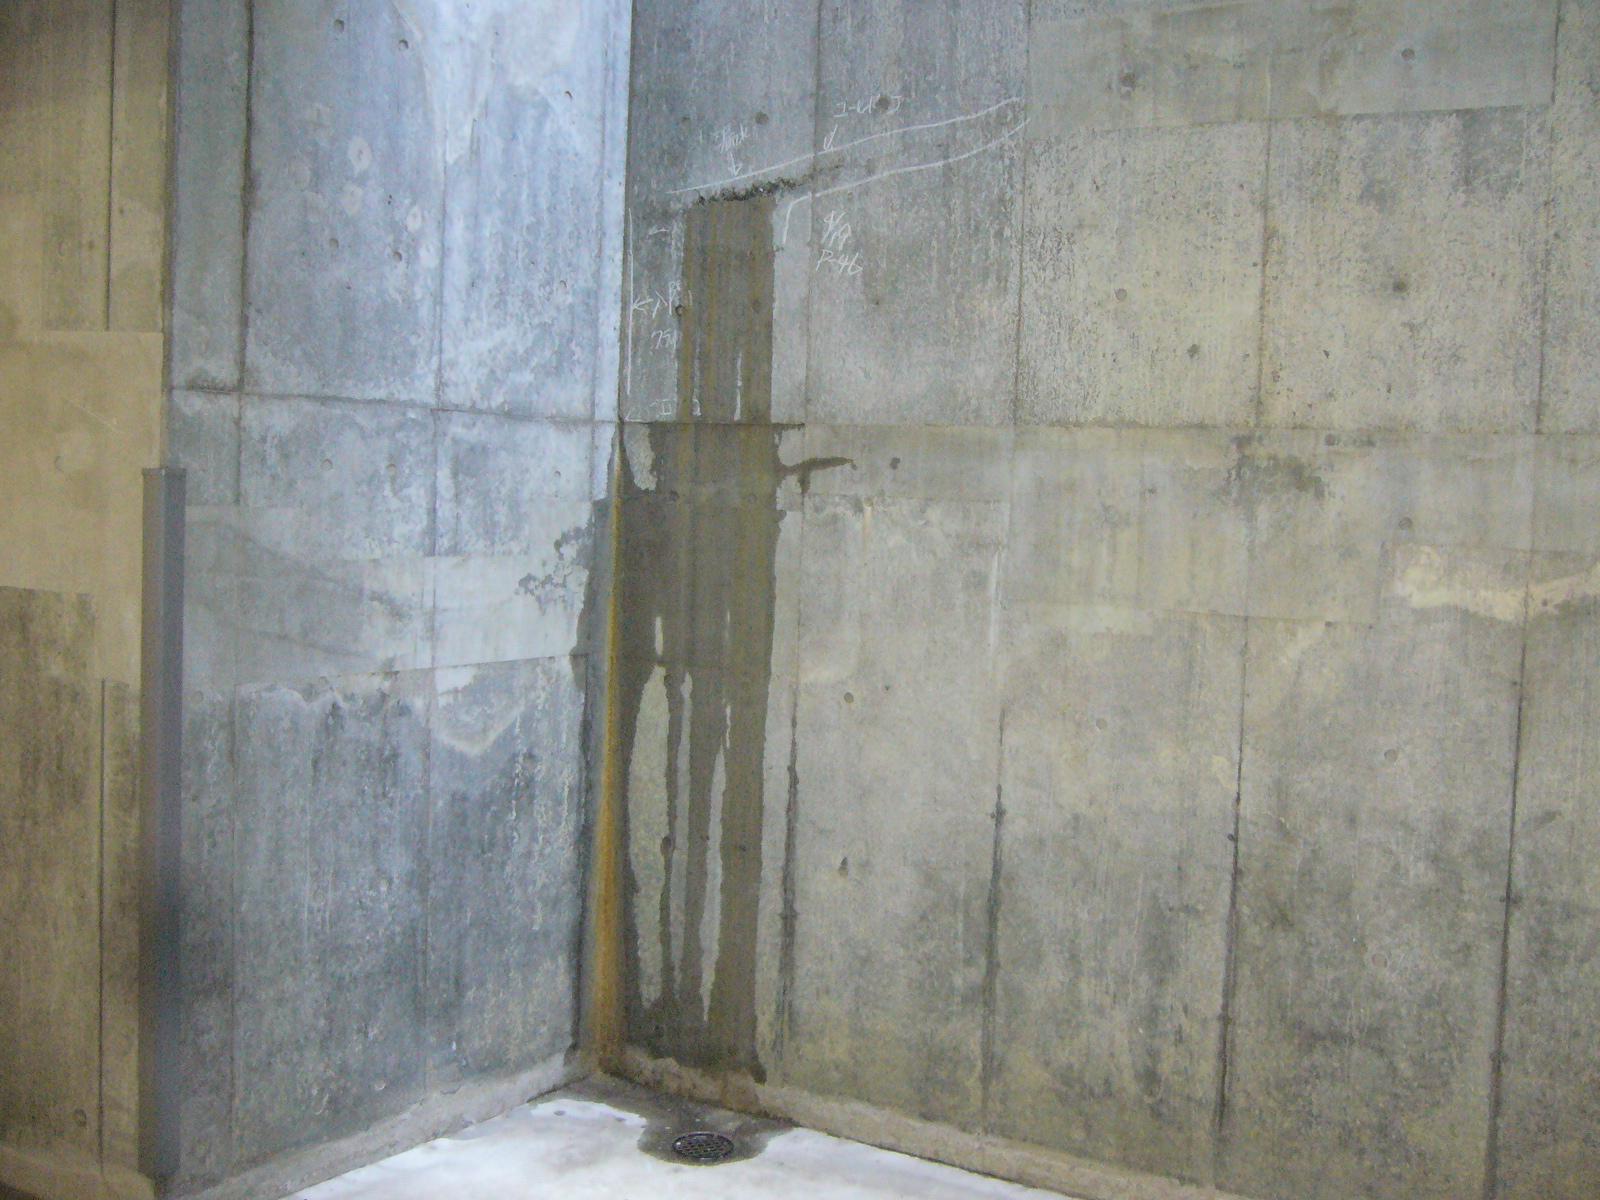 マンションの施工品質は、地下ピットが教えてくれる